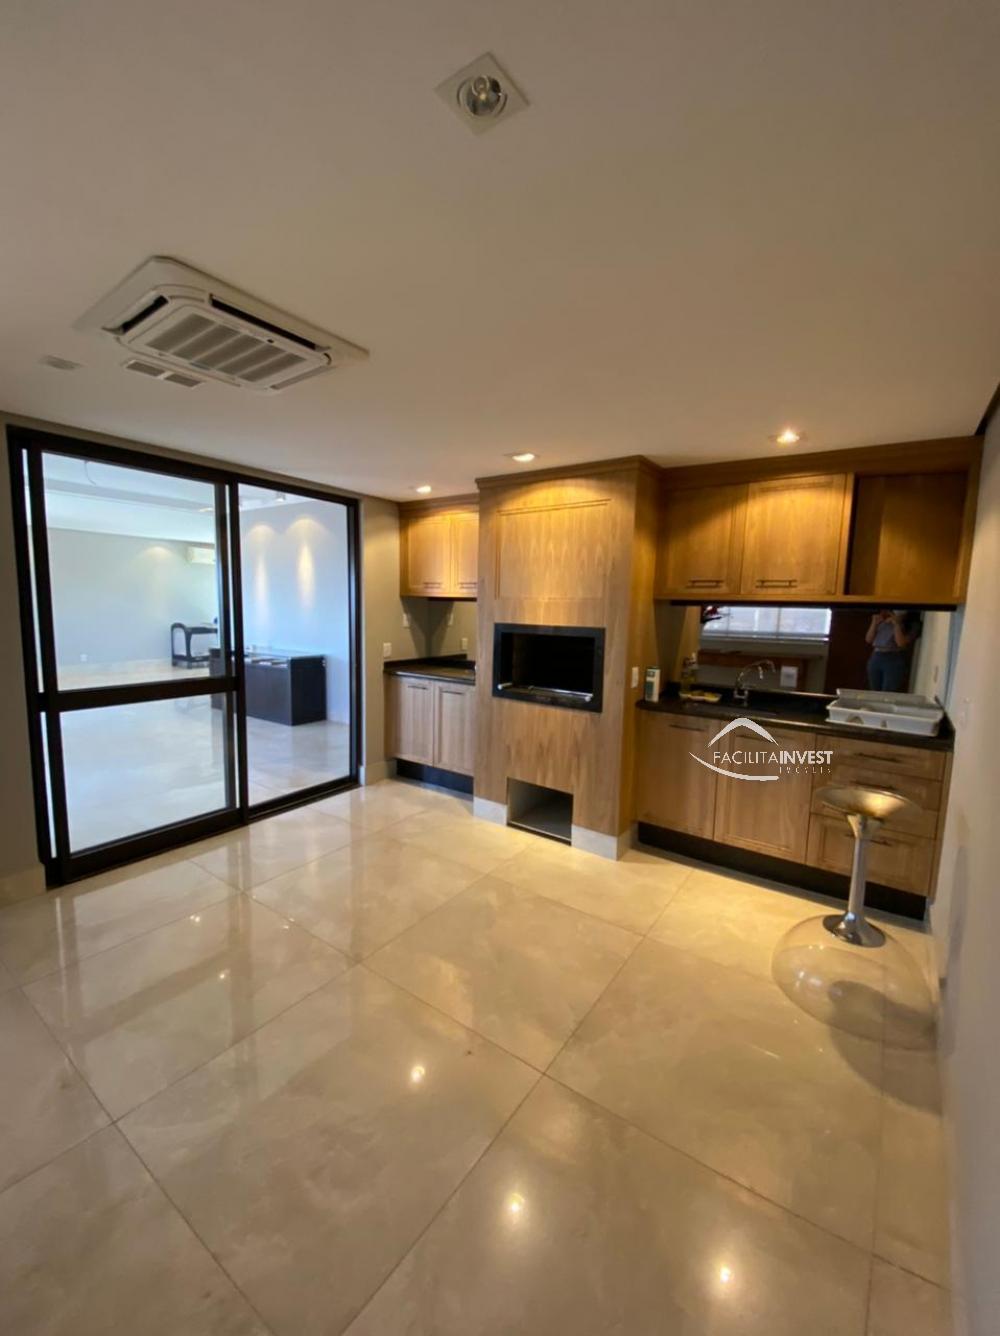 Comprar Apartamentos / Apart. Padrão em Ribeirão Preto R$ 1.400.000,00 - Foto 11